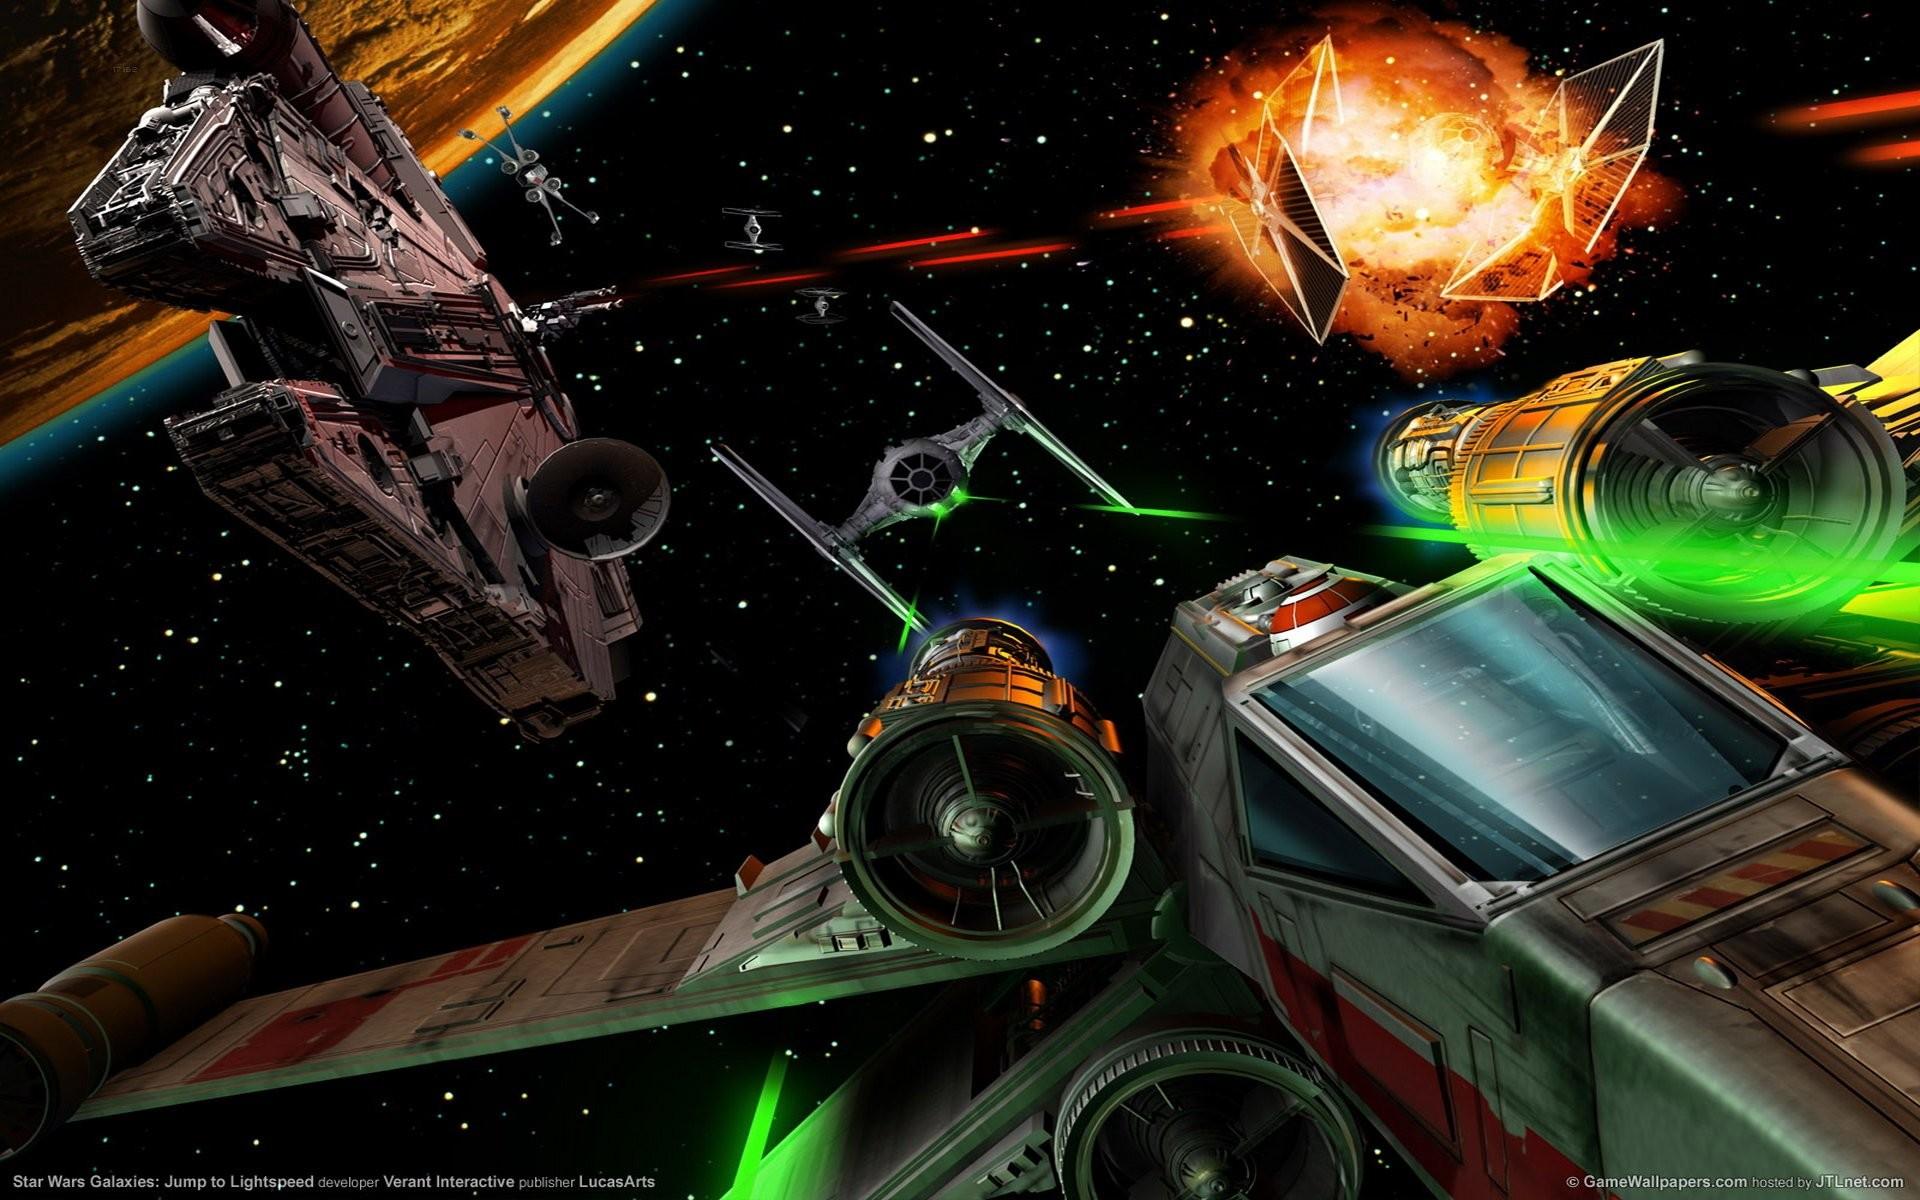 Star-Wars-Space-Battle-Wallpaper-32